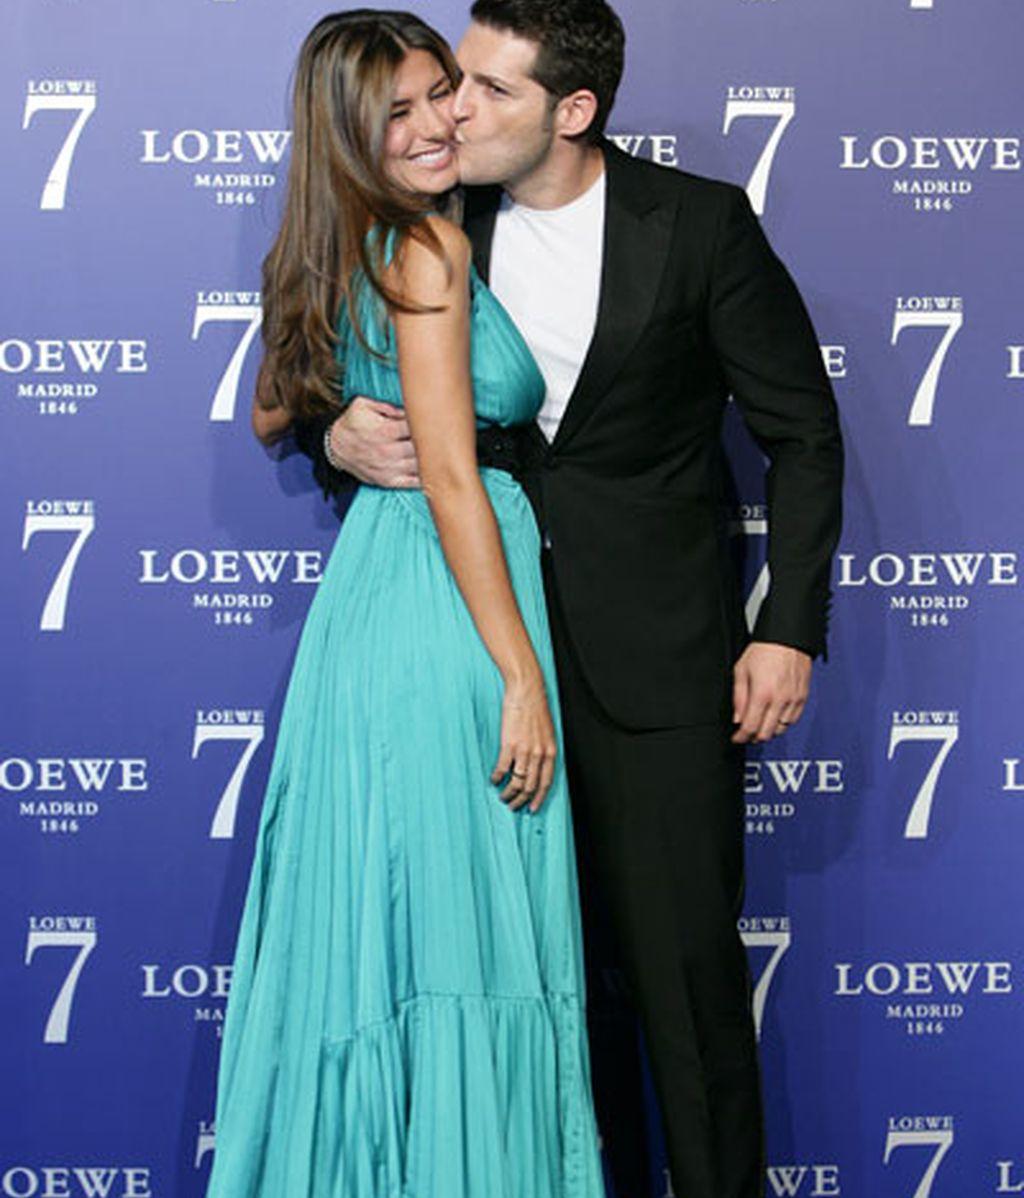 Cayetano y Eva, protagonistas para Loewe